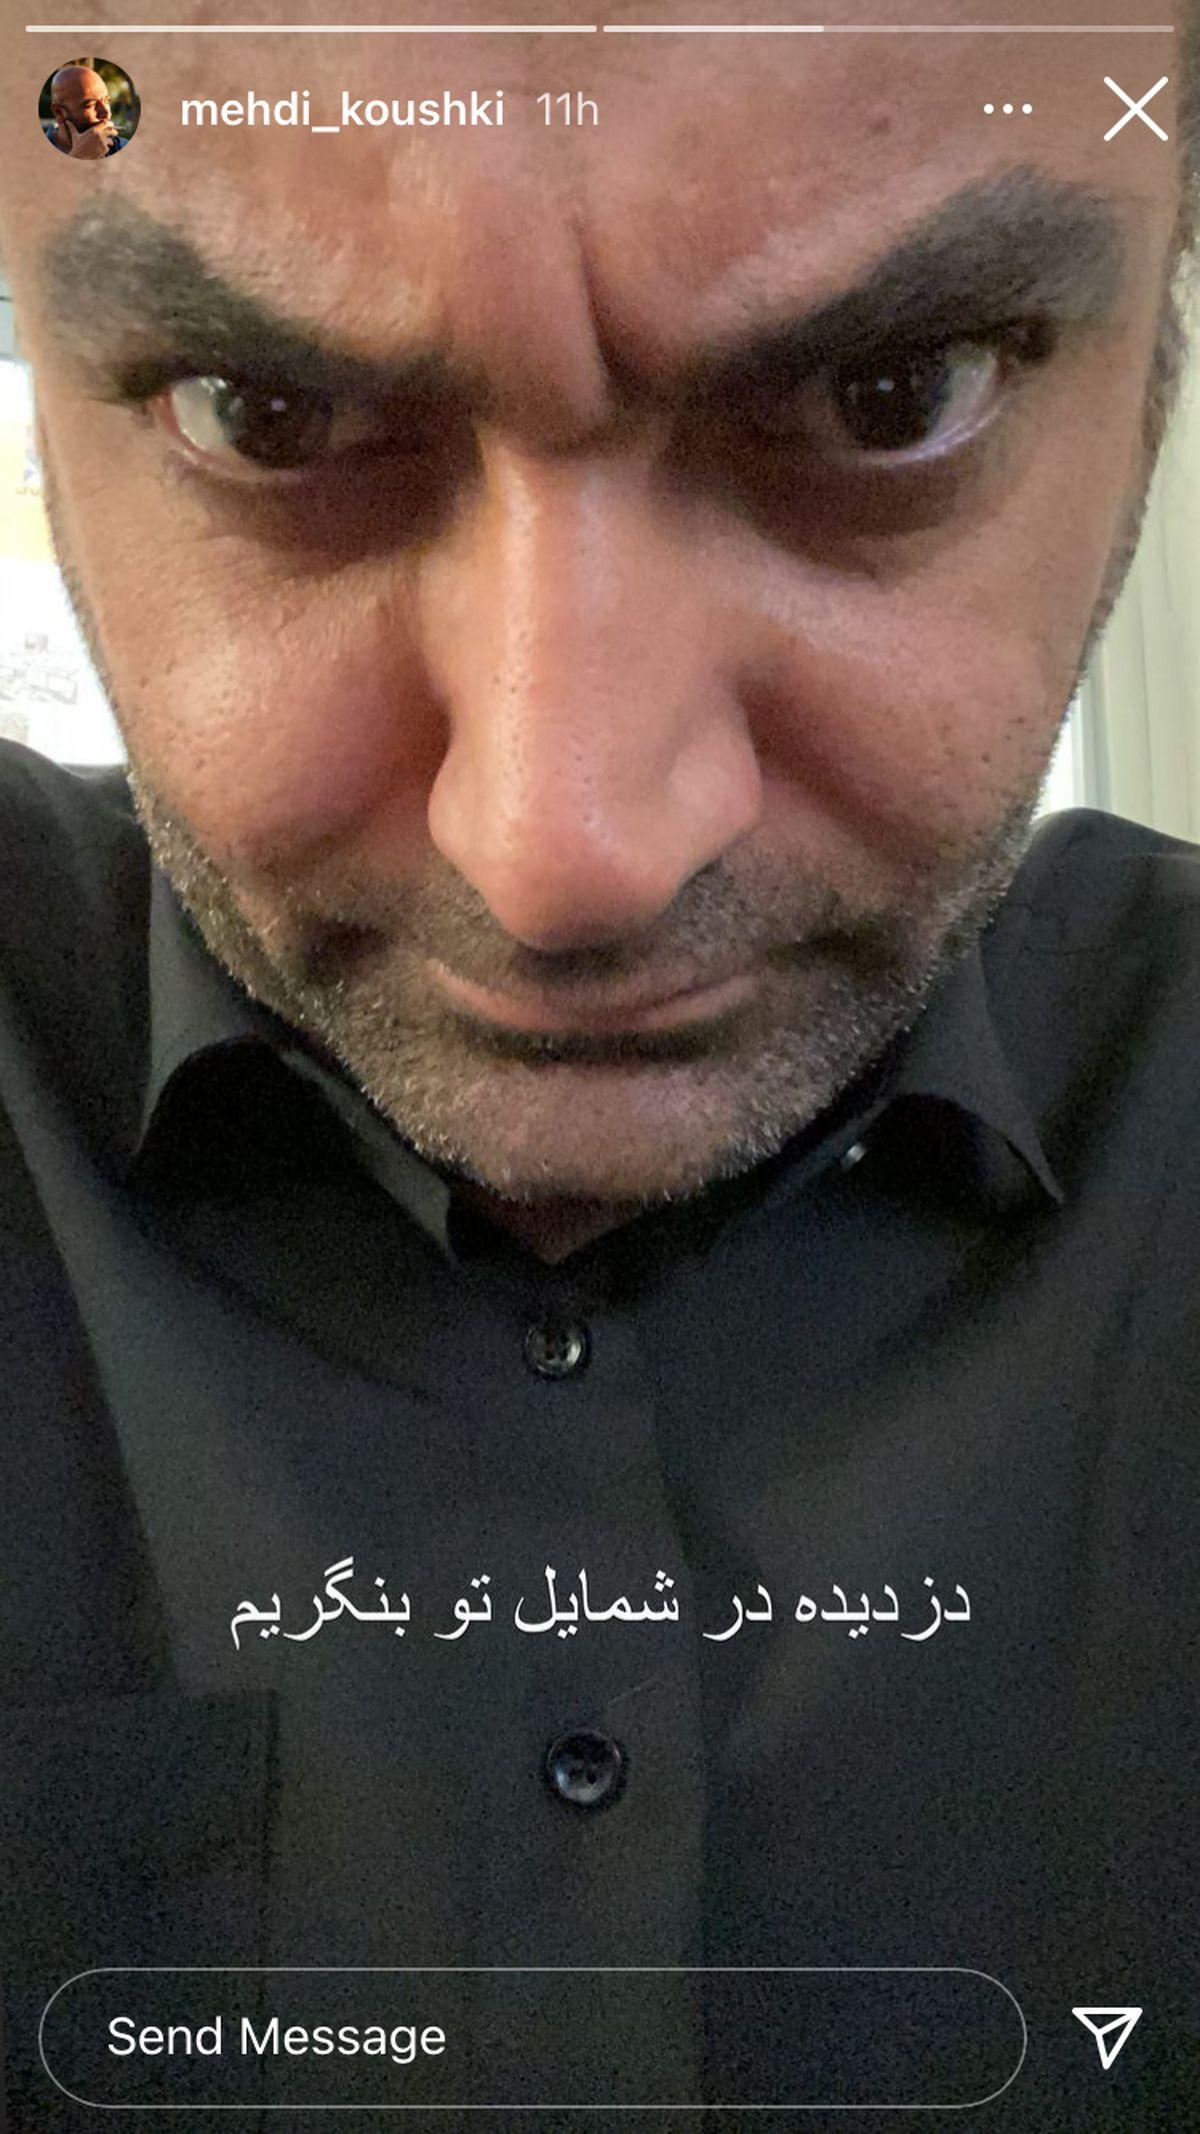 خشم مهدی کوشکی + عکس